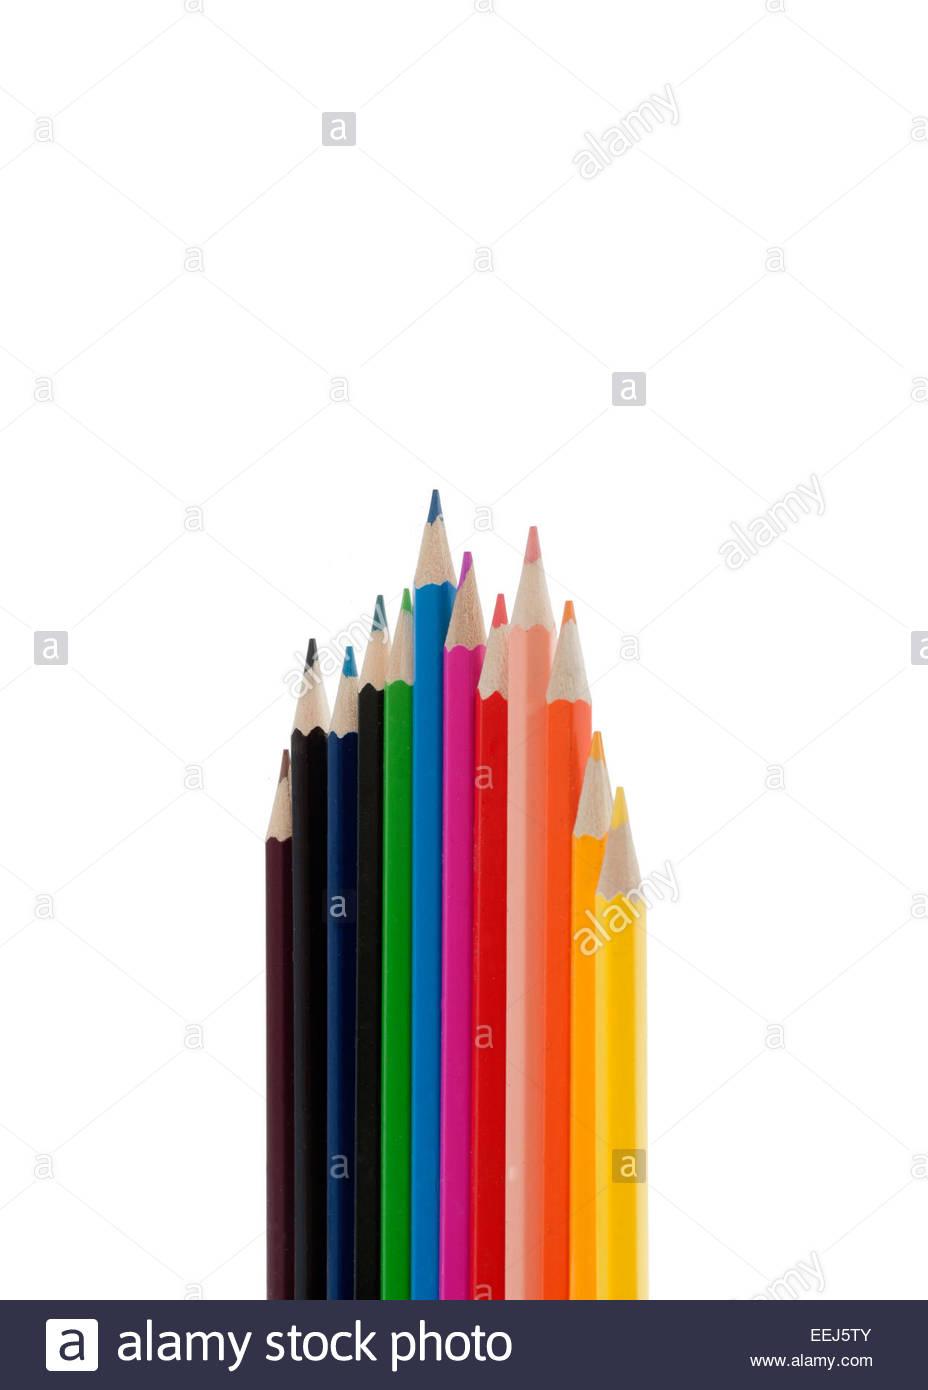 Färbung Bleistift ausgeschnitten. Stockbild